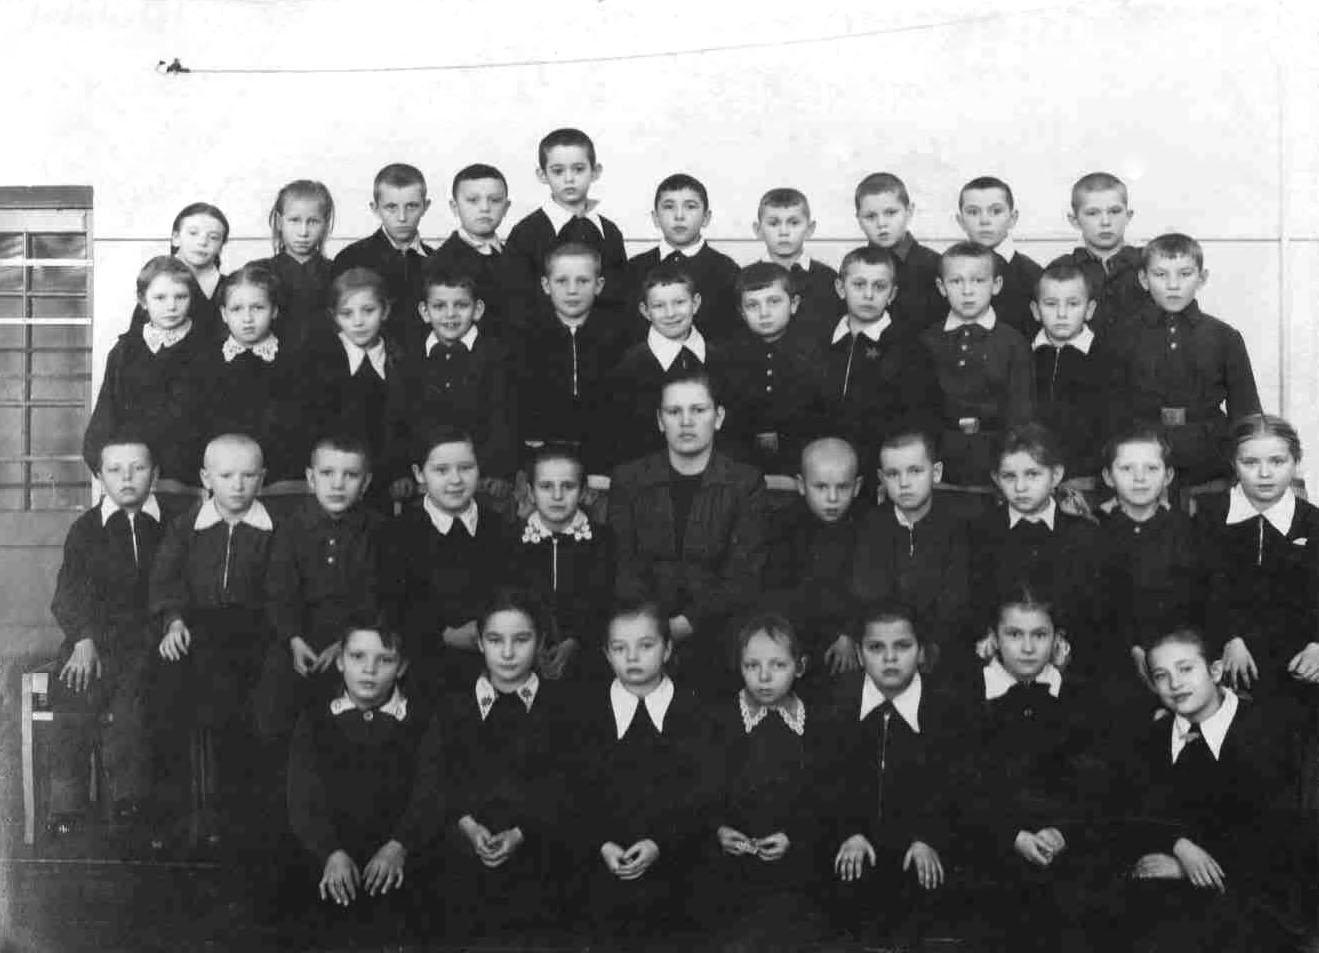 Далее со слов автора: с 1 по 9 классы я учился в средней школе 5 города бровары киевской области